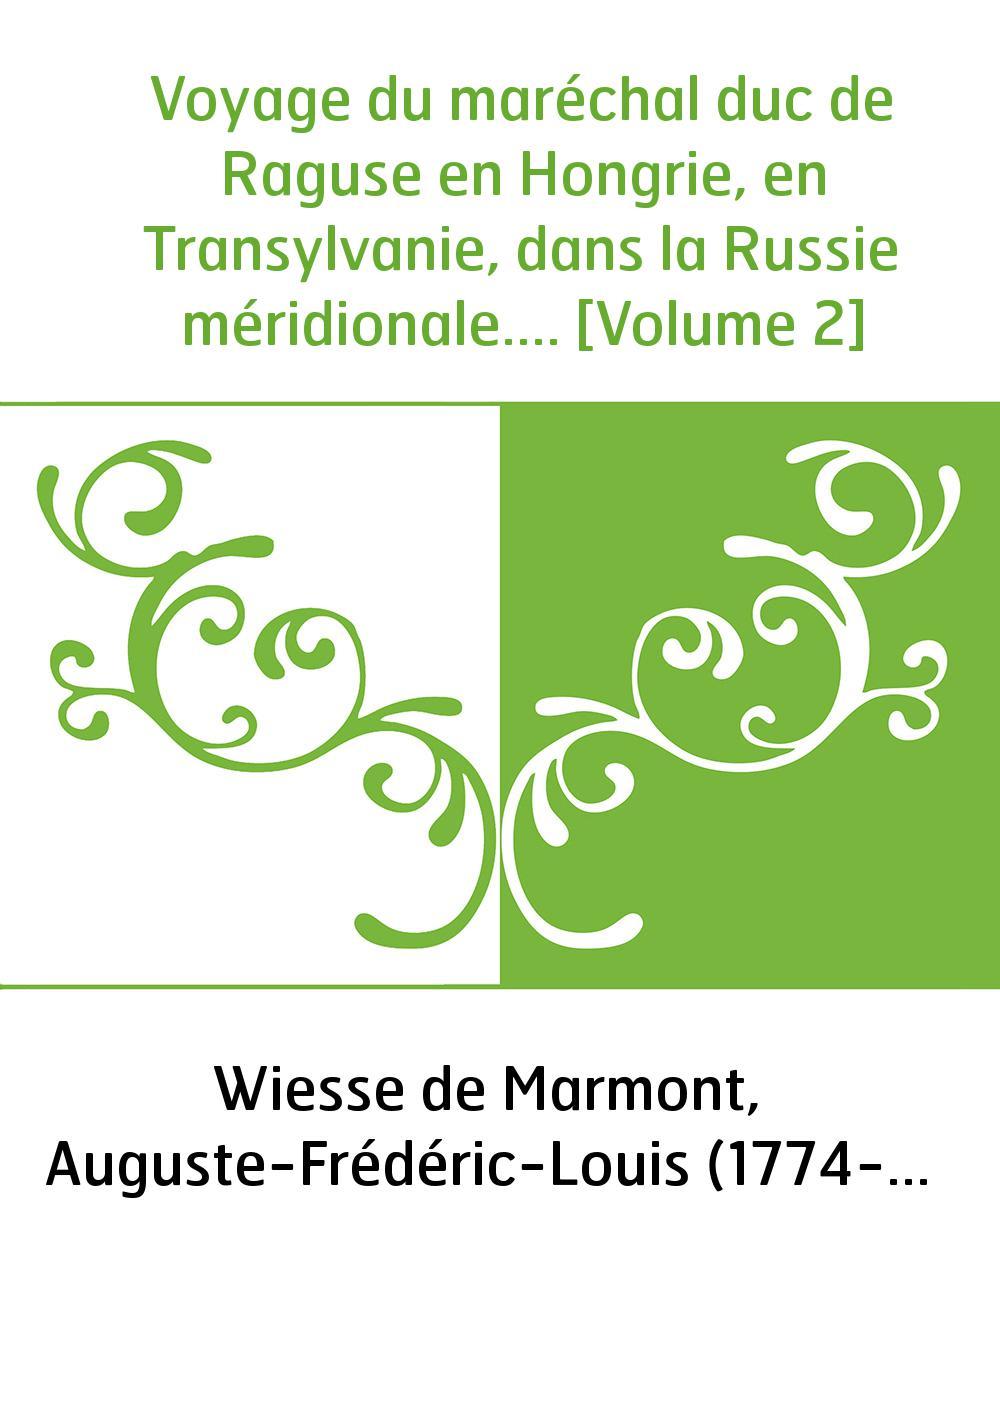 Voyage du maréchal duc de Raguse en Hongrie, en Transylvanie, dans la Russie méridionale.... [Volume 2]